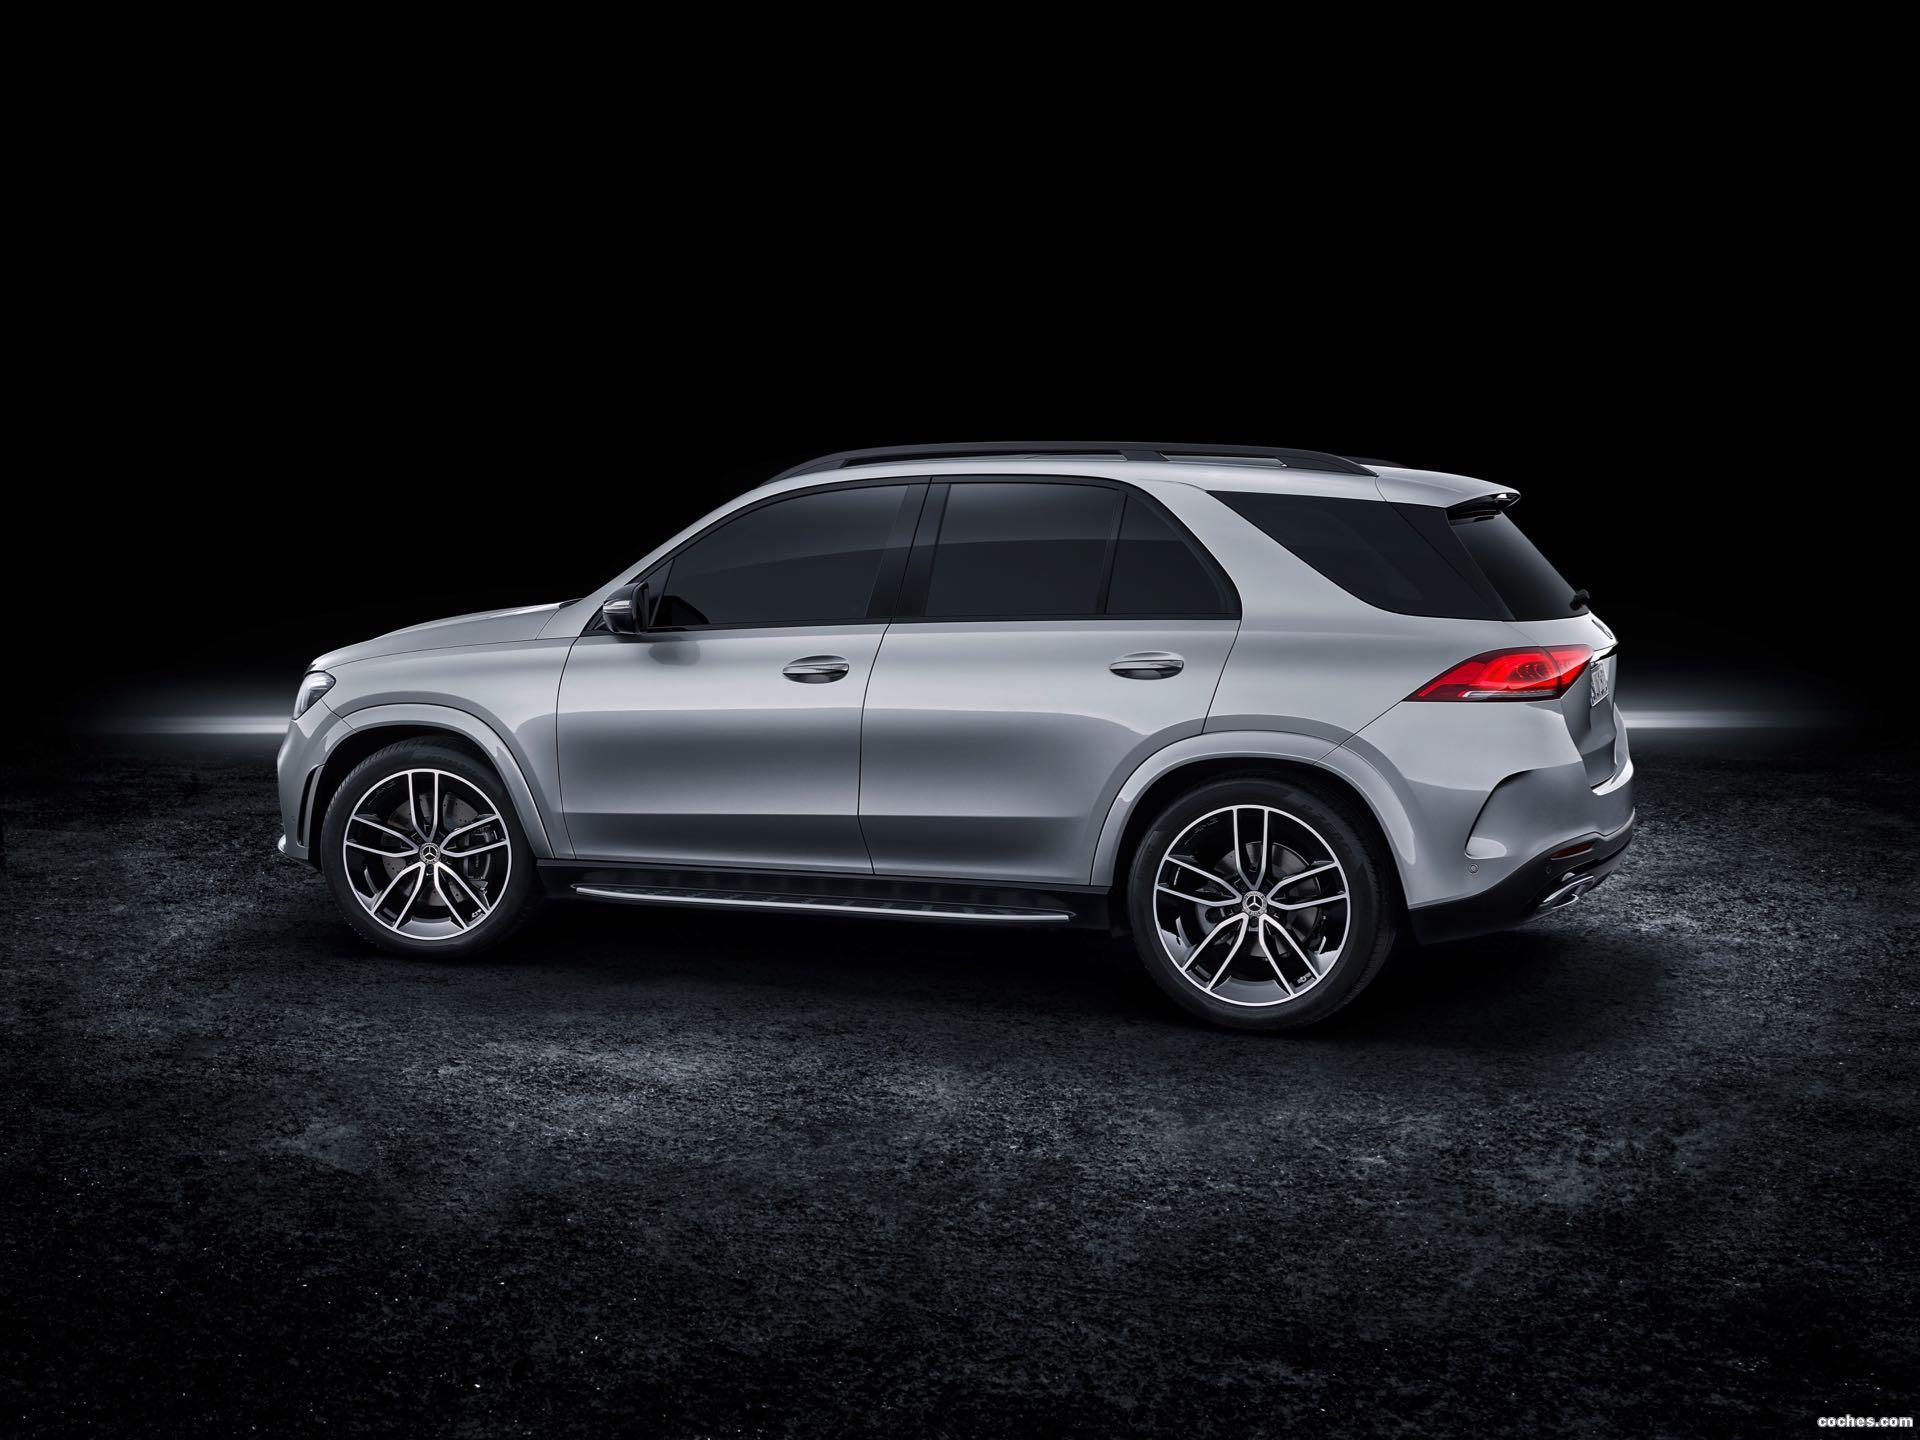 Foto 10 de Mercedes GLE 450 4MATIC 2019